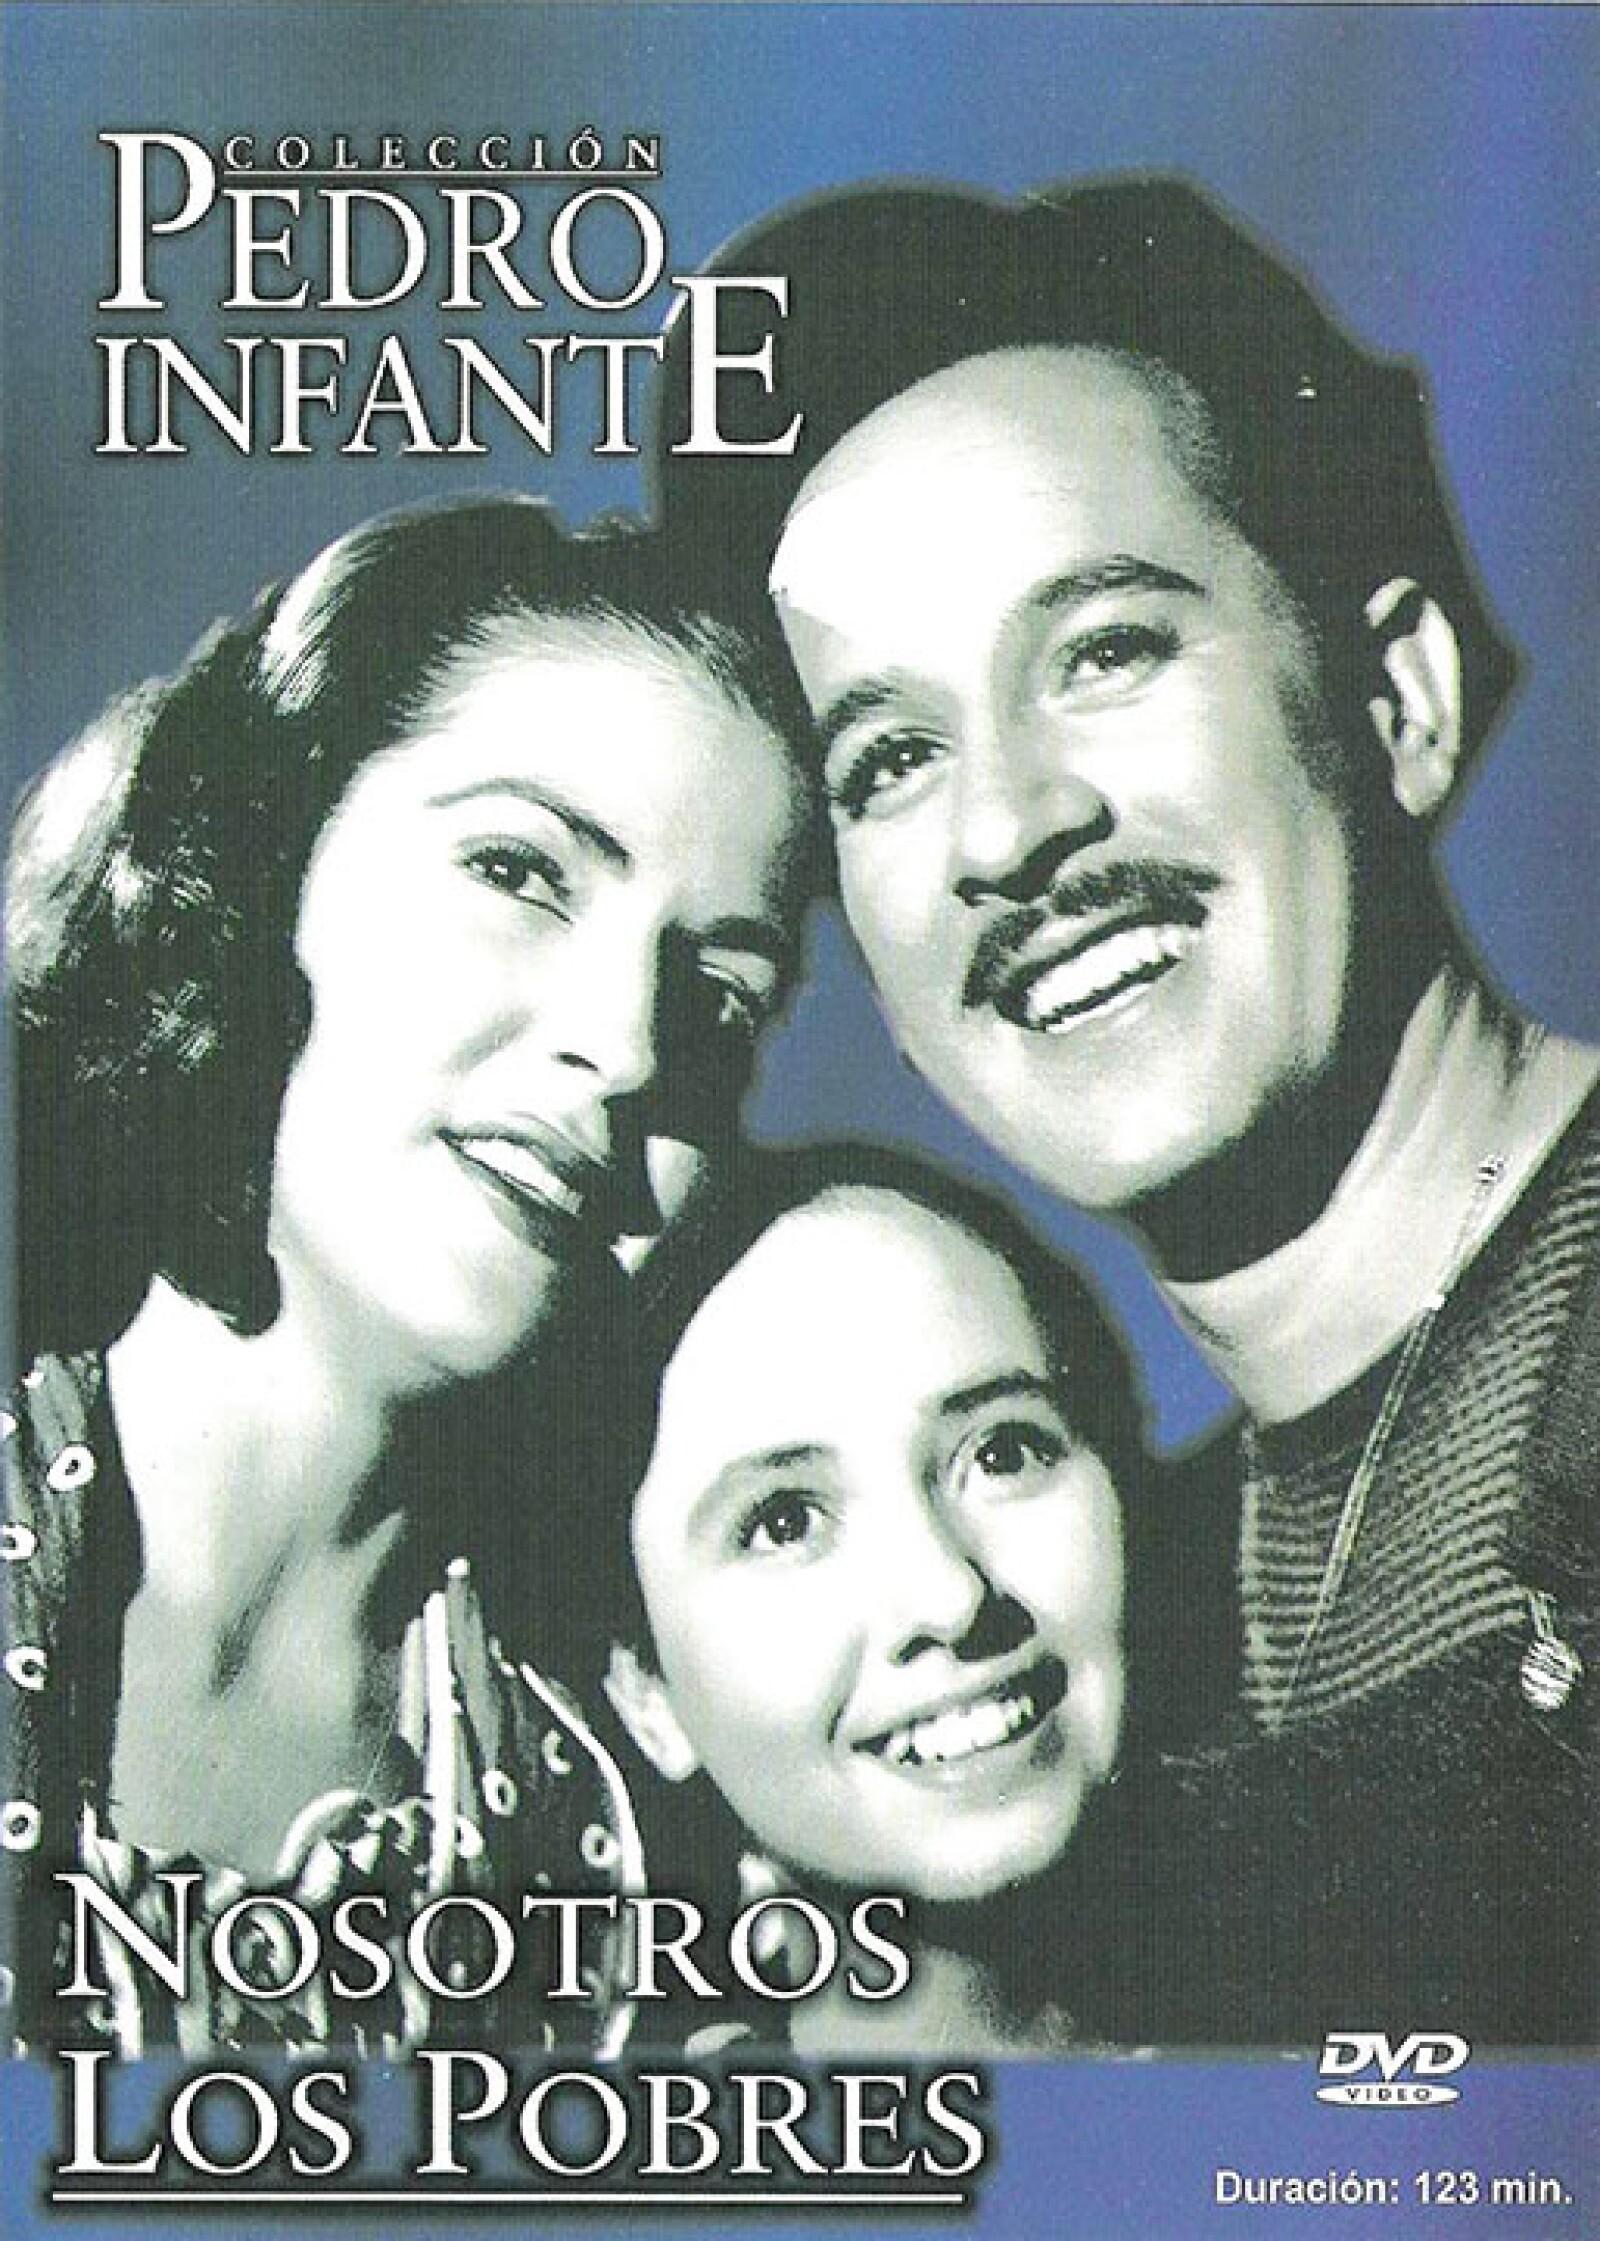 Participó en el filme de Ismael Rodríguez, Nosotros los Pobres (1948), al lado de Pedro Infante y Blanca Estela Pavón. Interpretó a La Tísica, hermana del personaje de Infante.